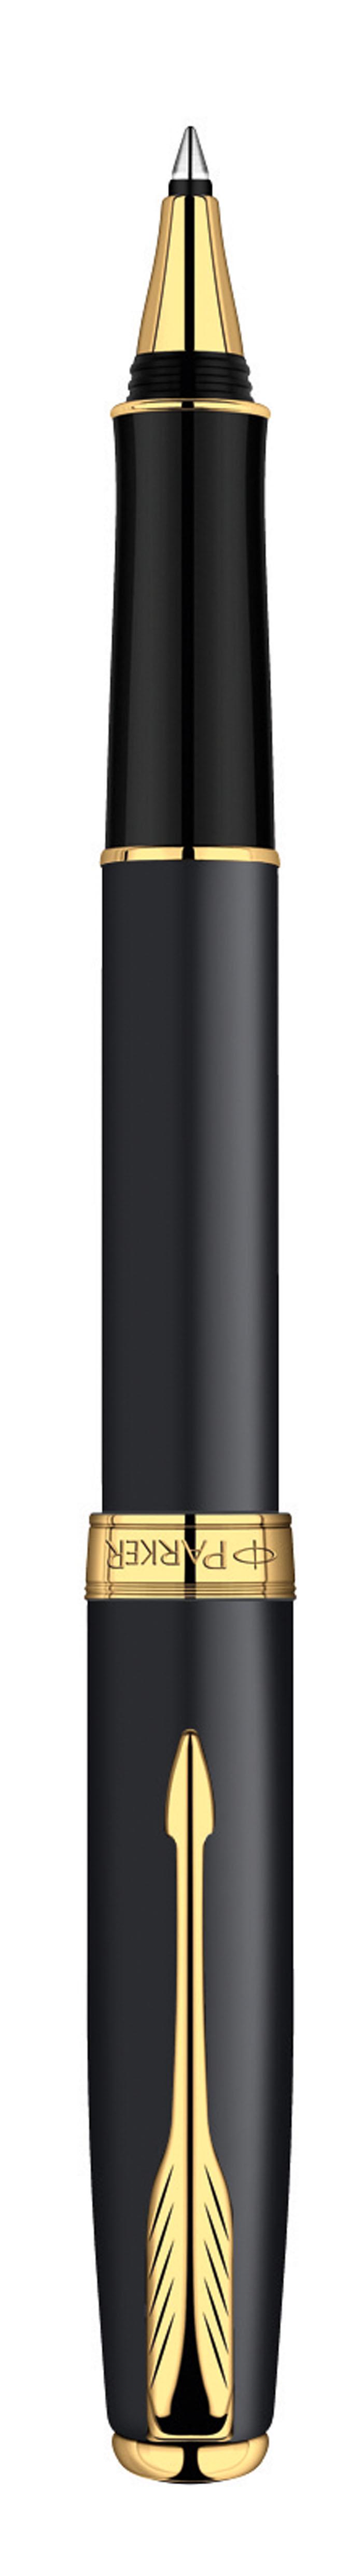 Ручка-роллер Parker Sonnet Matte Black GT - идеальный инструмент для письма. Материал ручки - ювелирная латунь с покрытием матовым лаком черного цвета, в отделке применяется позолота 23К. В ручке используются стандартные стержни-роллеры Parker, в комплект поставки входит один стержень черного цвета. Данный пишущий инструмент поставляется в фирменной подарочной коробке премиум-класса, что делает его превосходным подарком. В комплекте также идет гарантийный талон с международной гарантией на 2 года. Произведено во Франции.